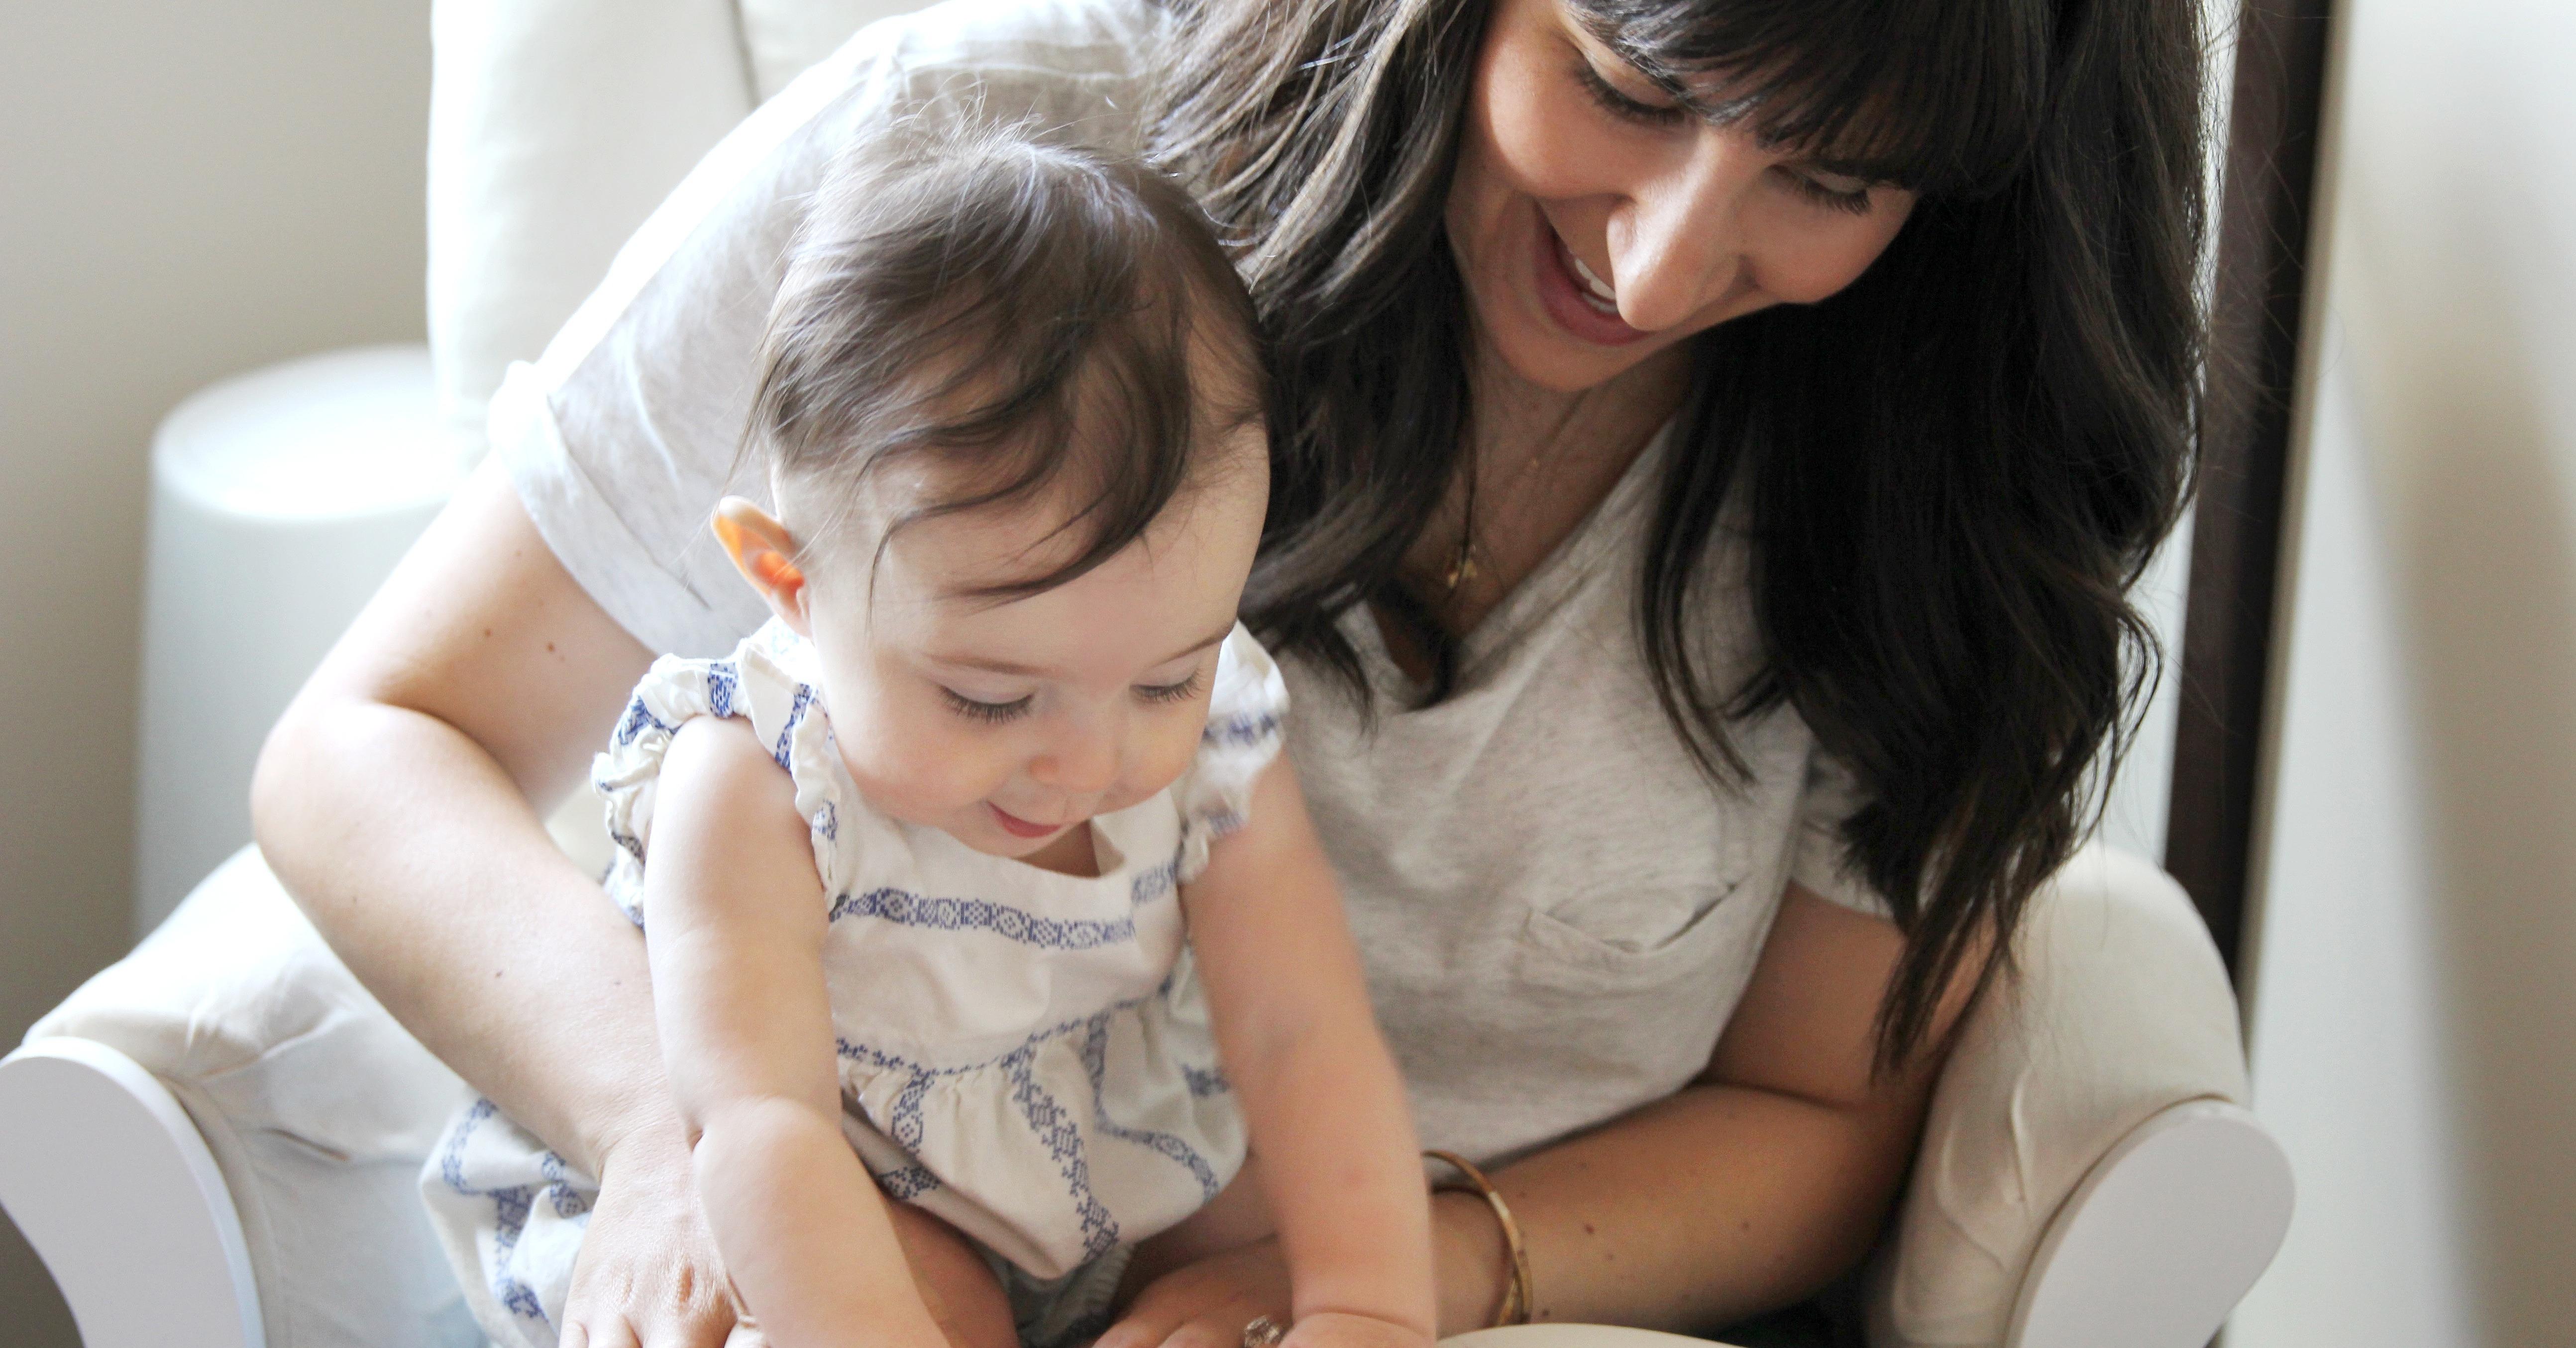 Talents All Moms Have | POPSUGAR Moms